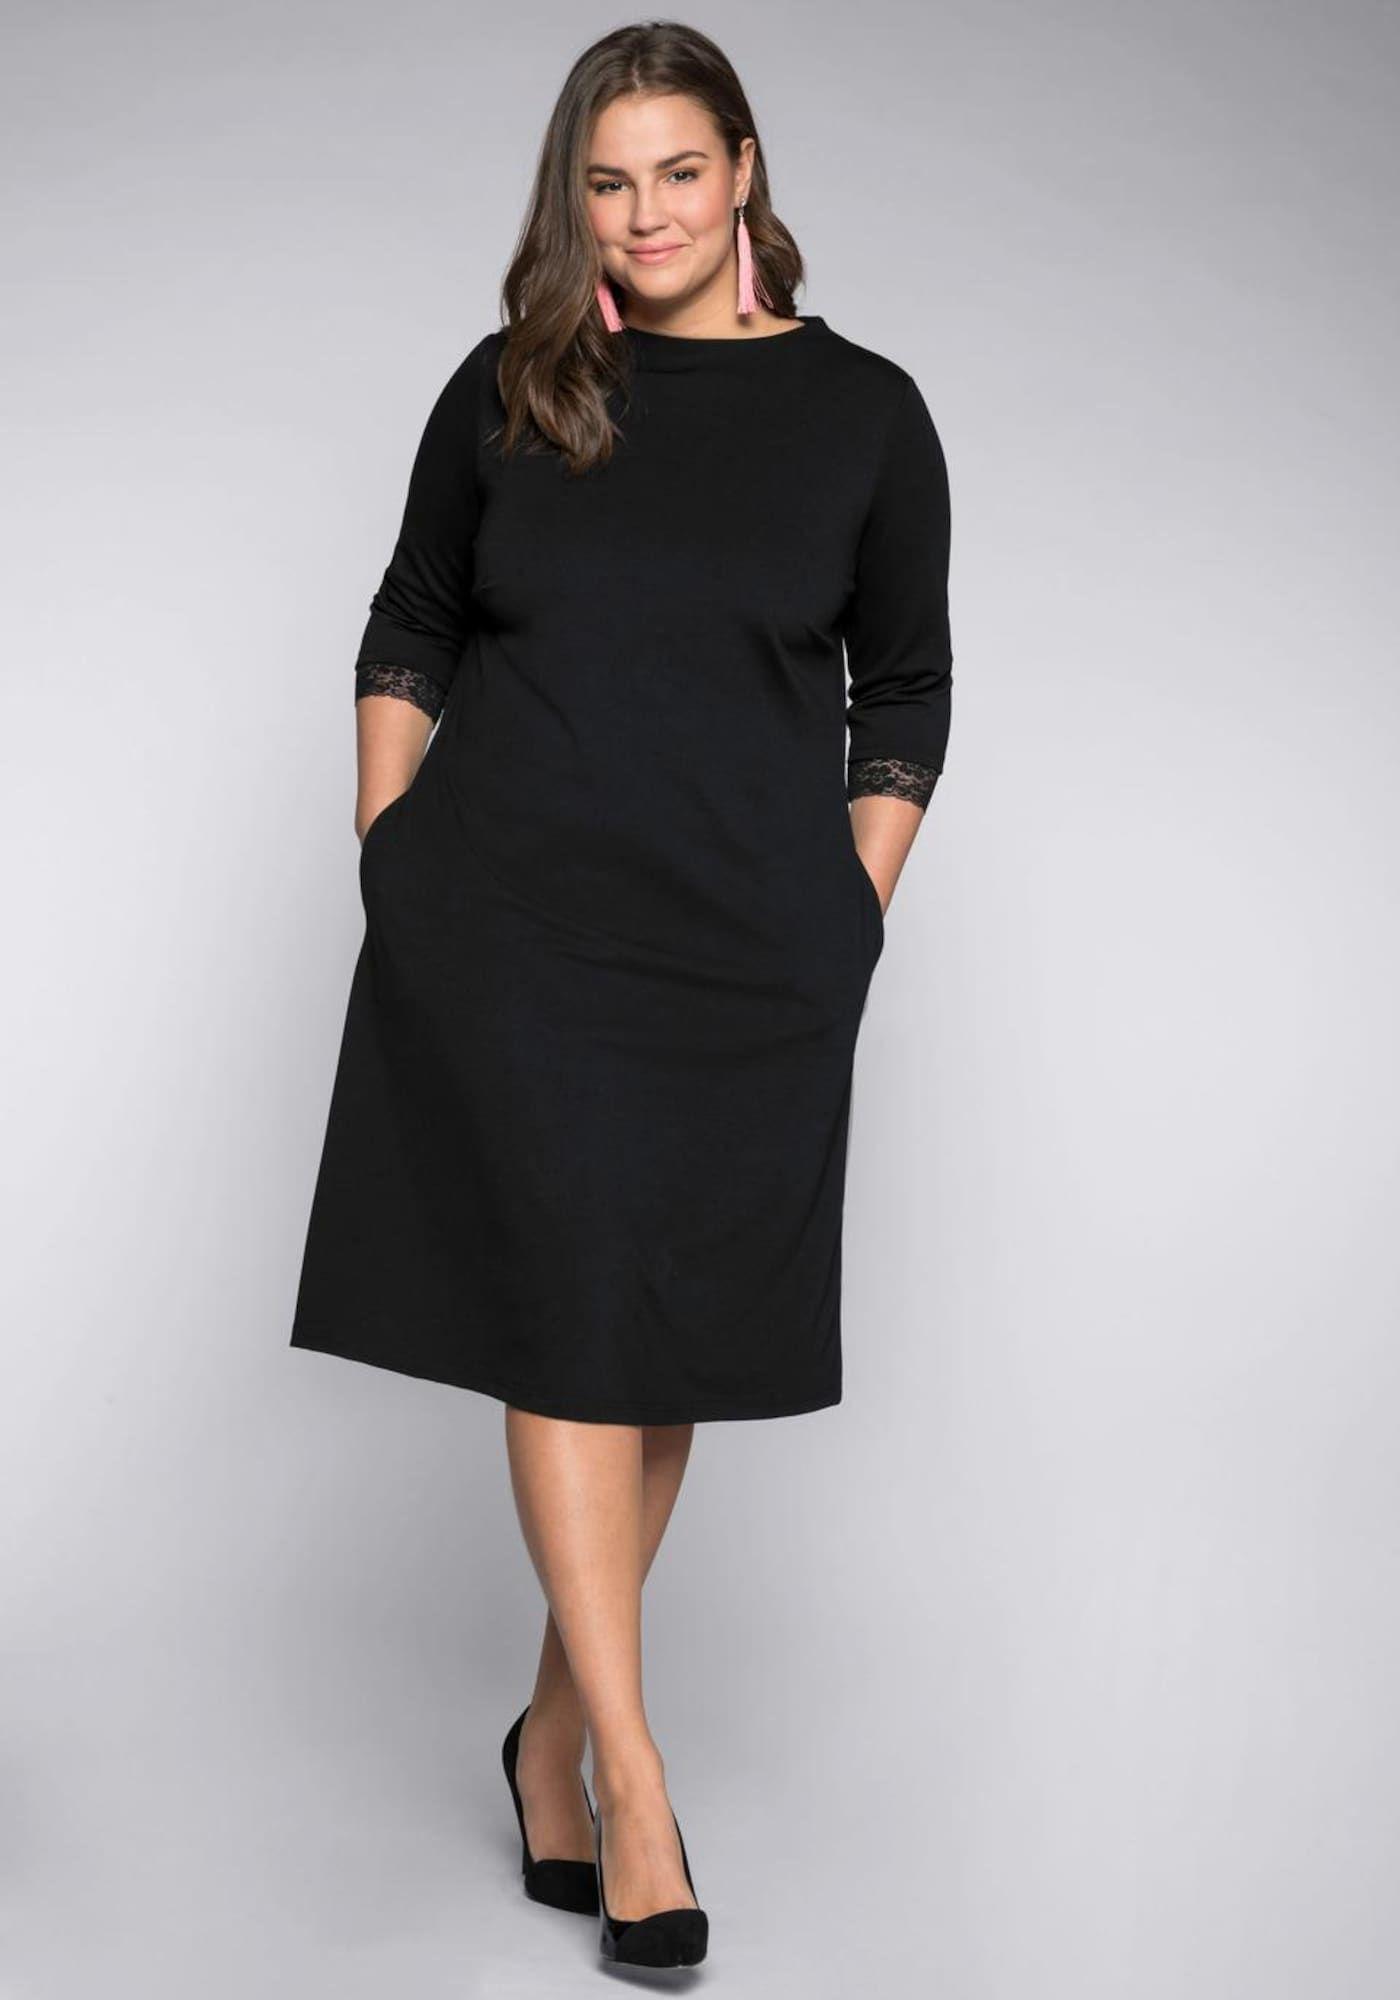 sheego style Kleid in schwarz  Etuikleid, Sheego style und Kleid